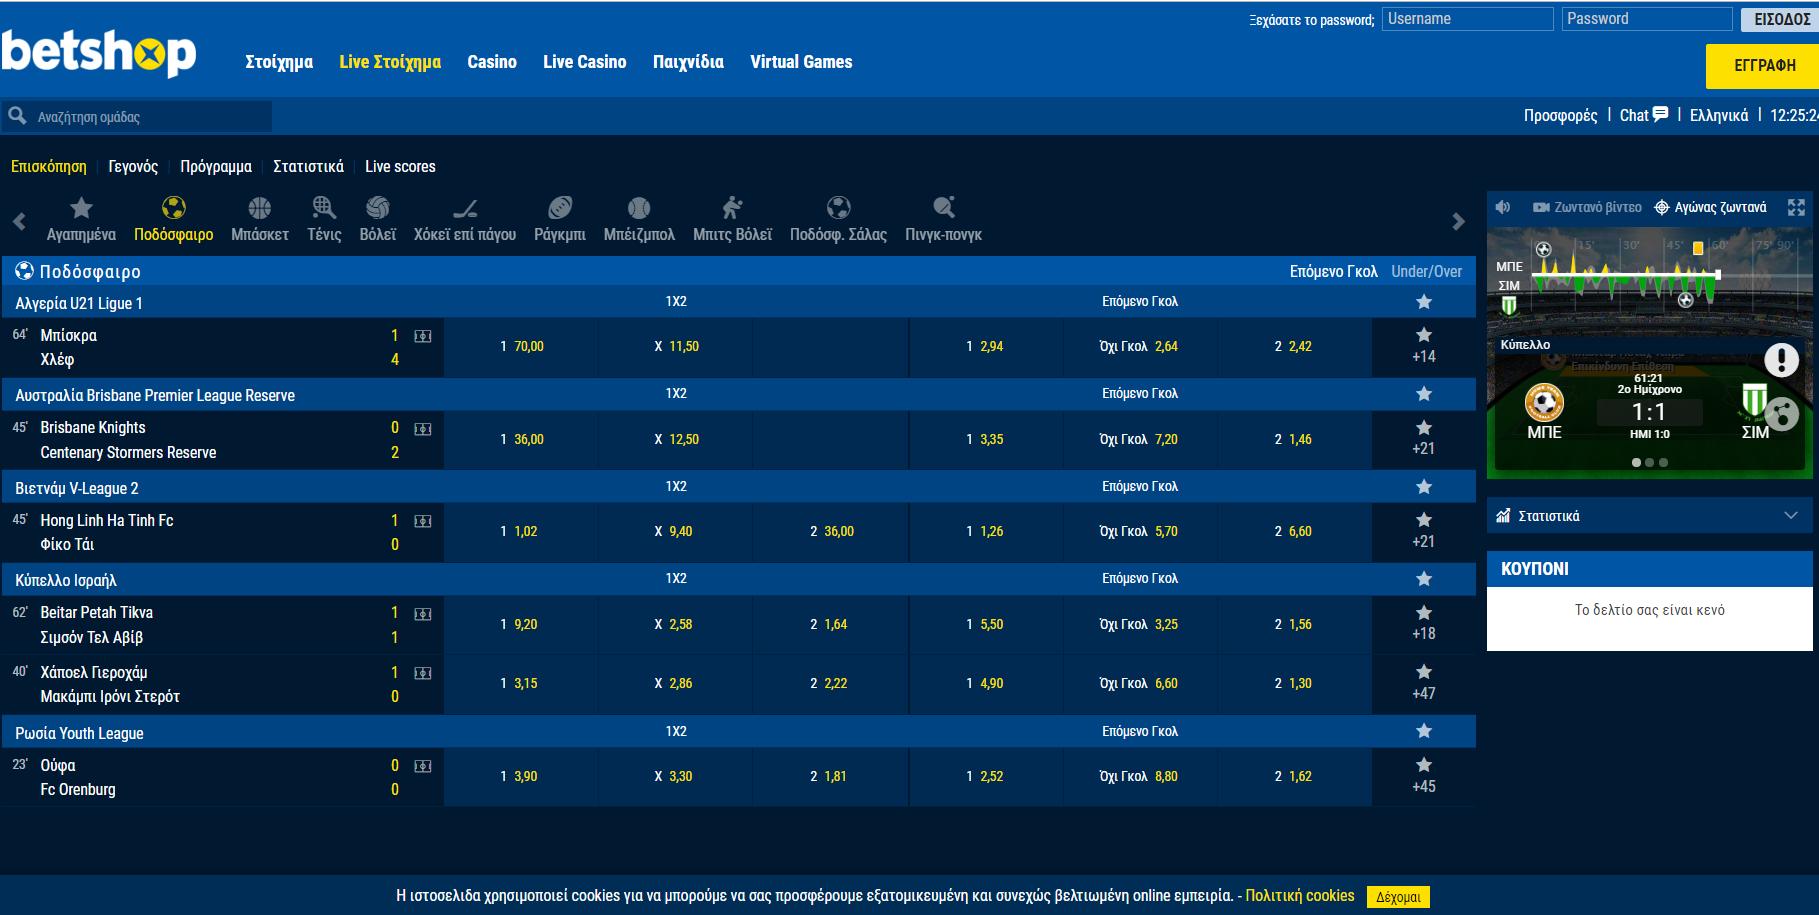 Φανταστικό, νέο Live Betting στη betshop.gr